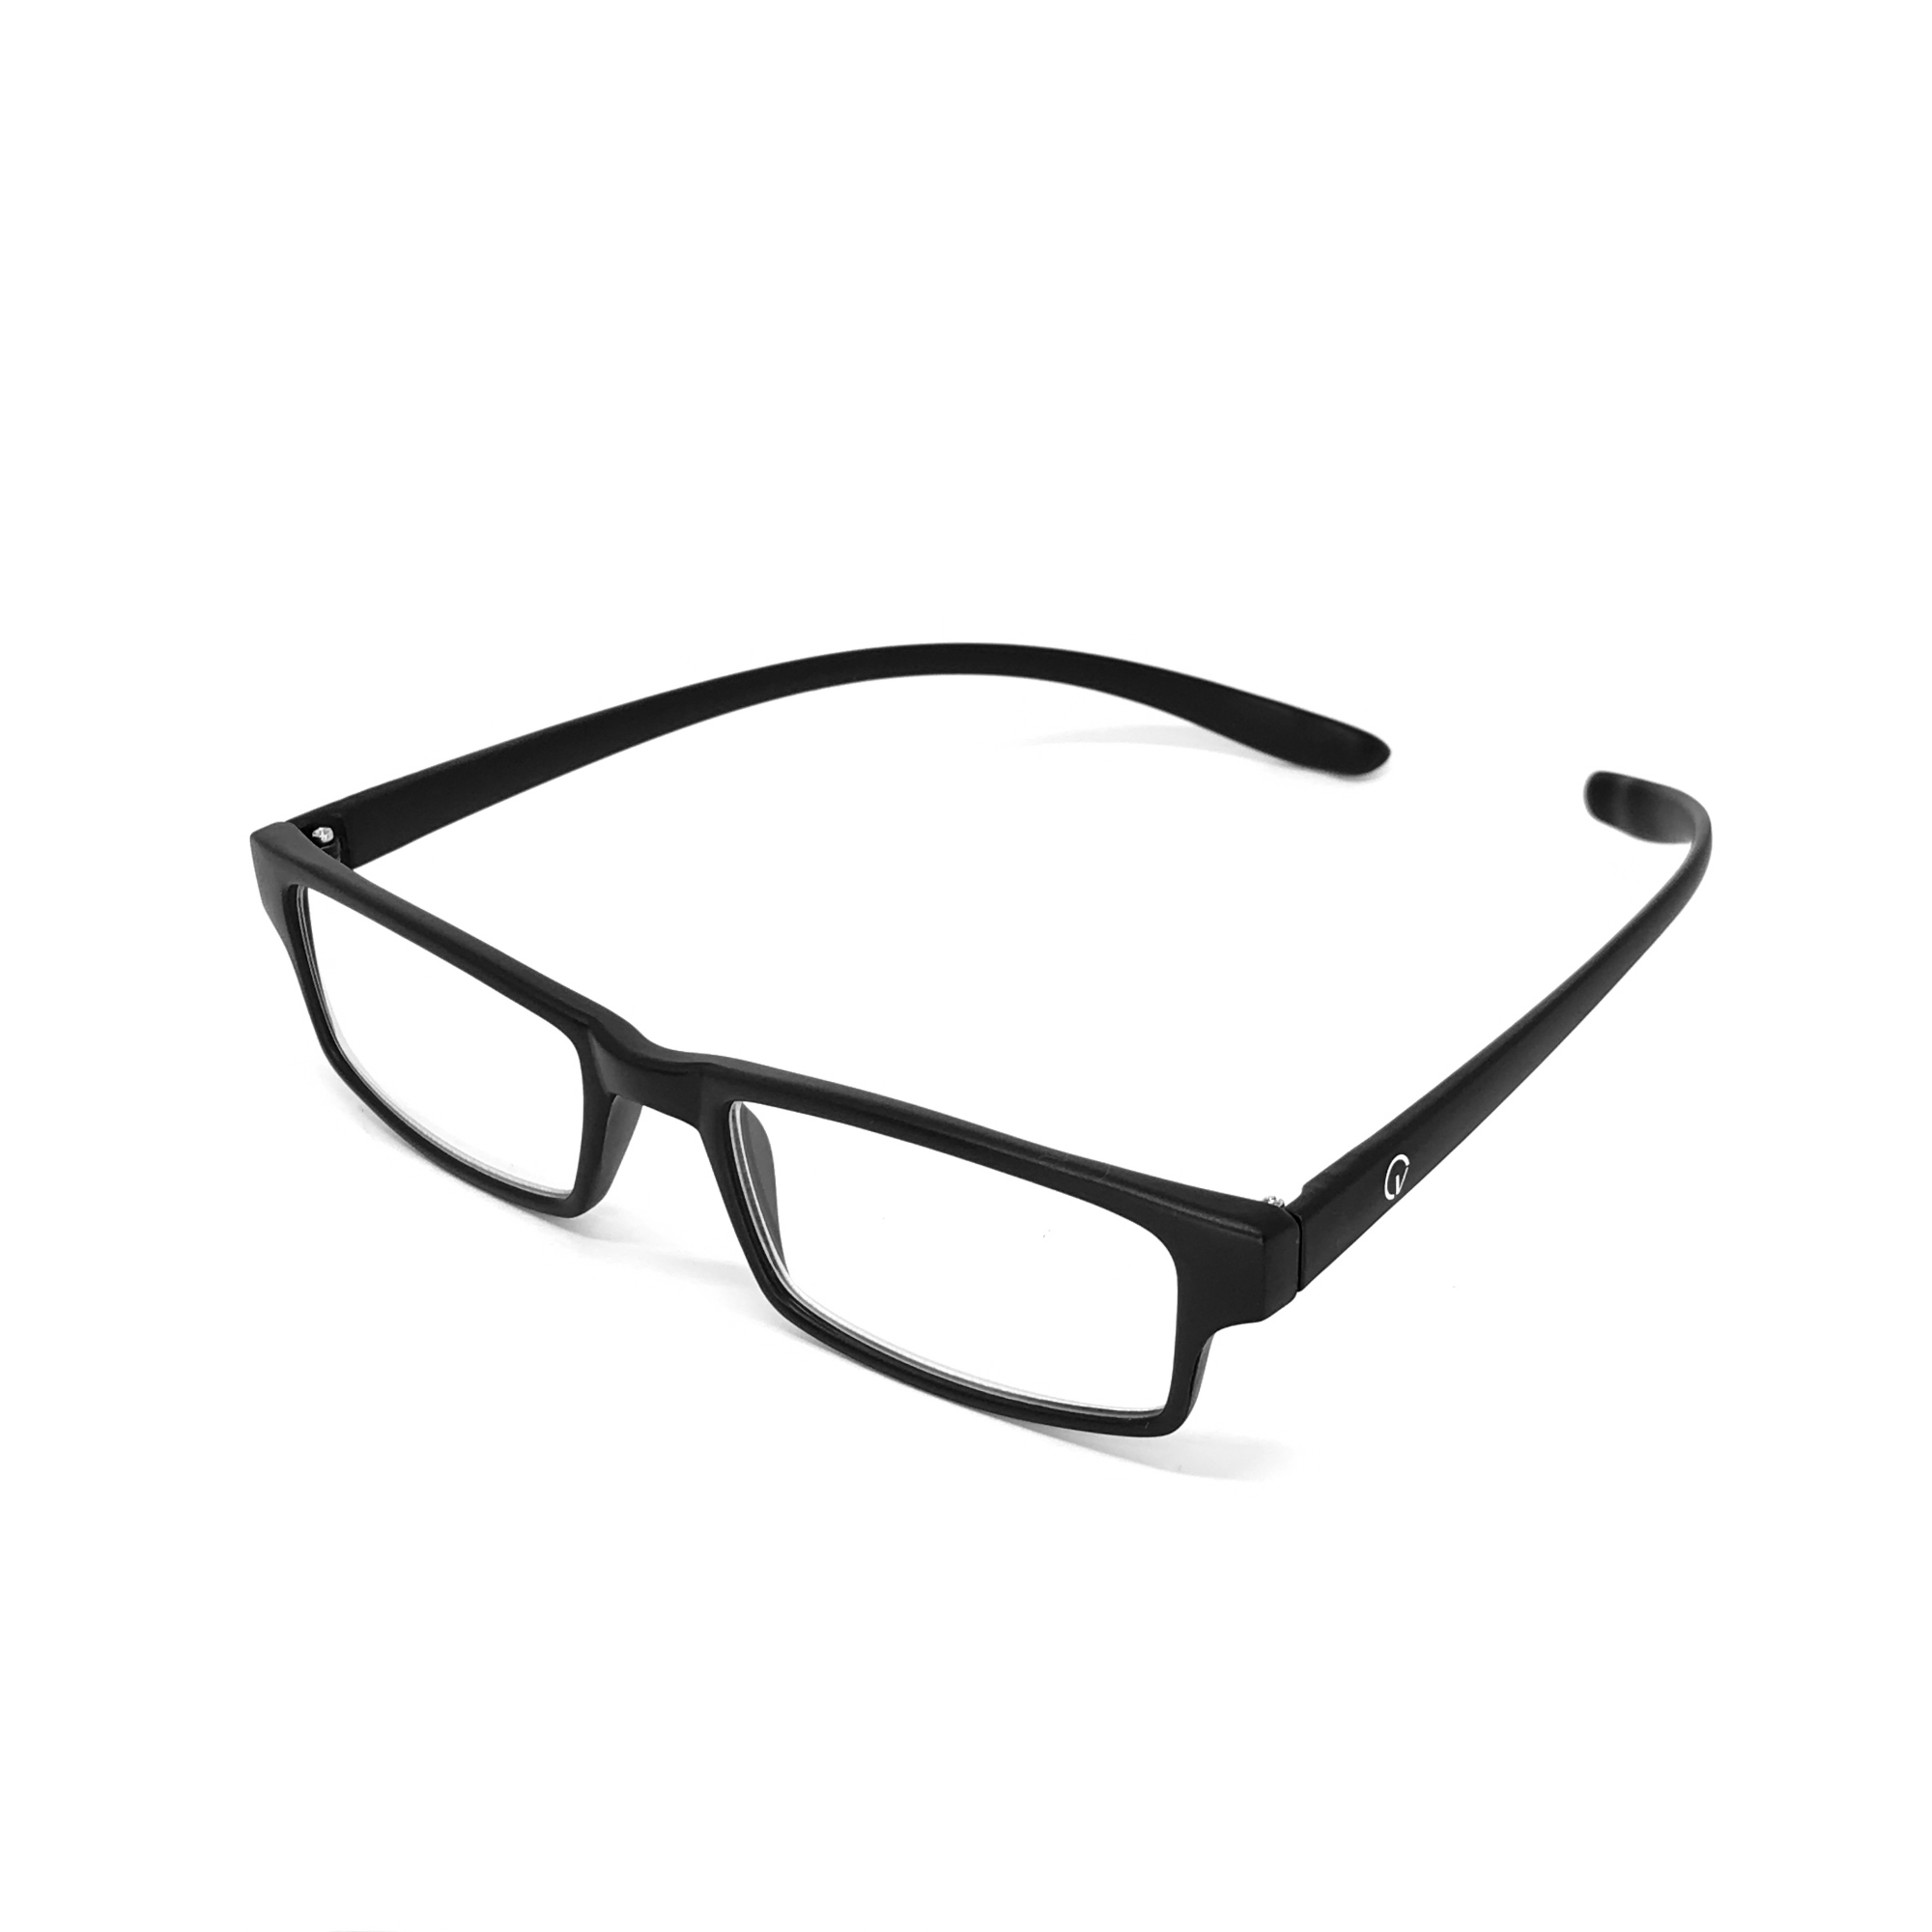 0869014-Óculos Leitura Retangular Preto +2,50 - Contém 1 Peça  - ENTREGA IMEDIATA